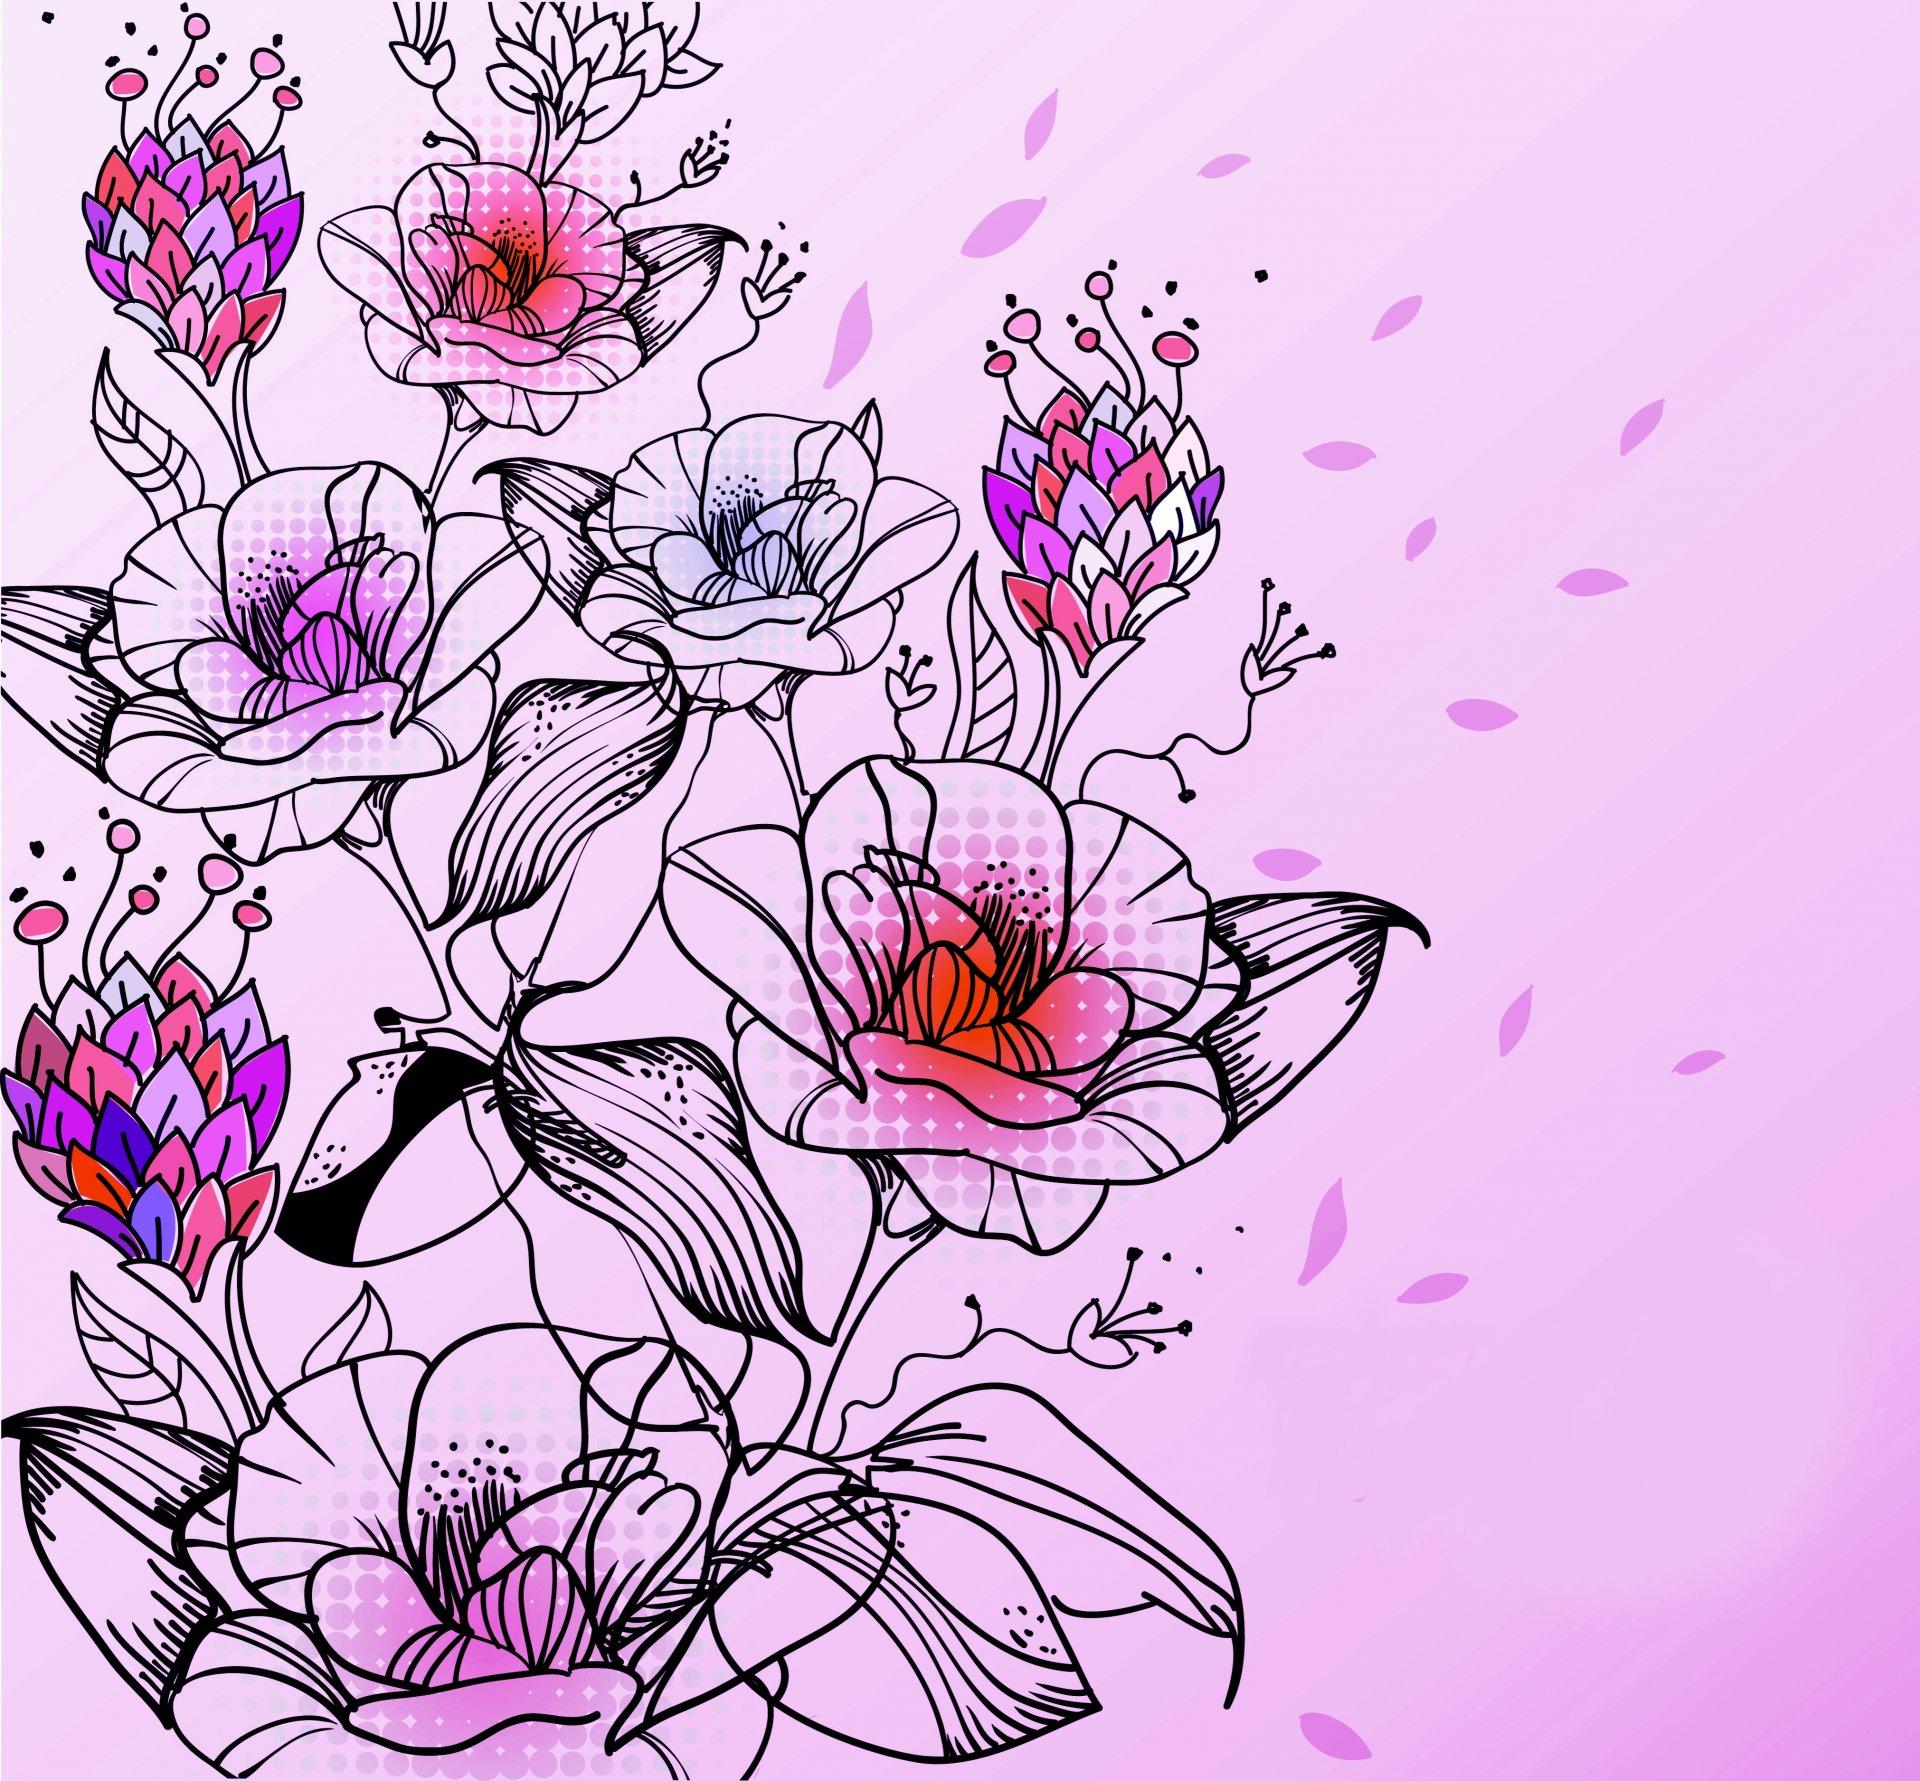 часто картинки для цветы рисовать время работала